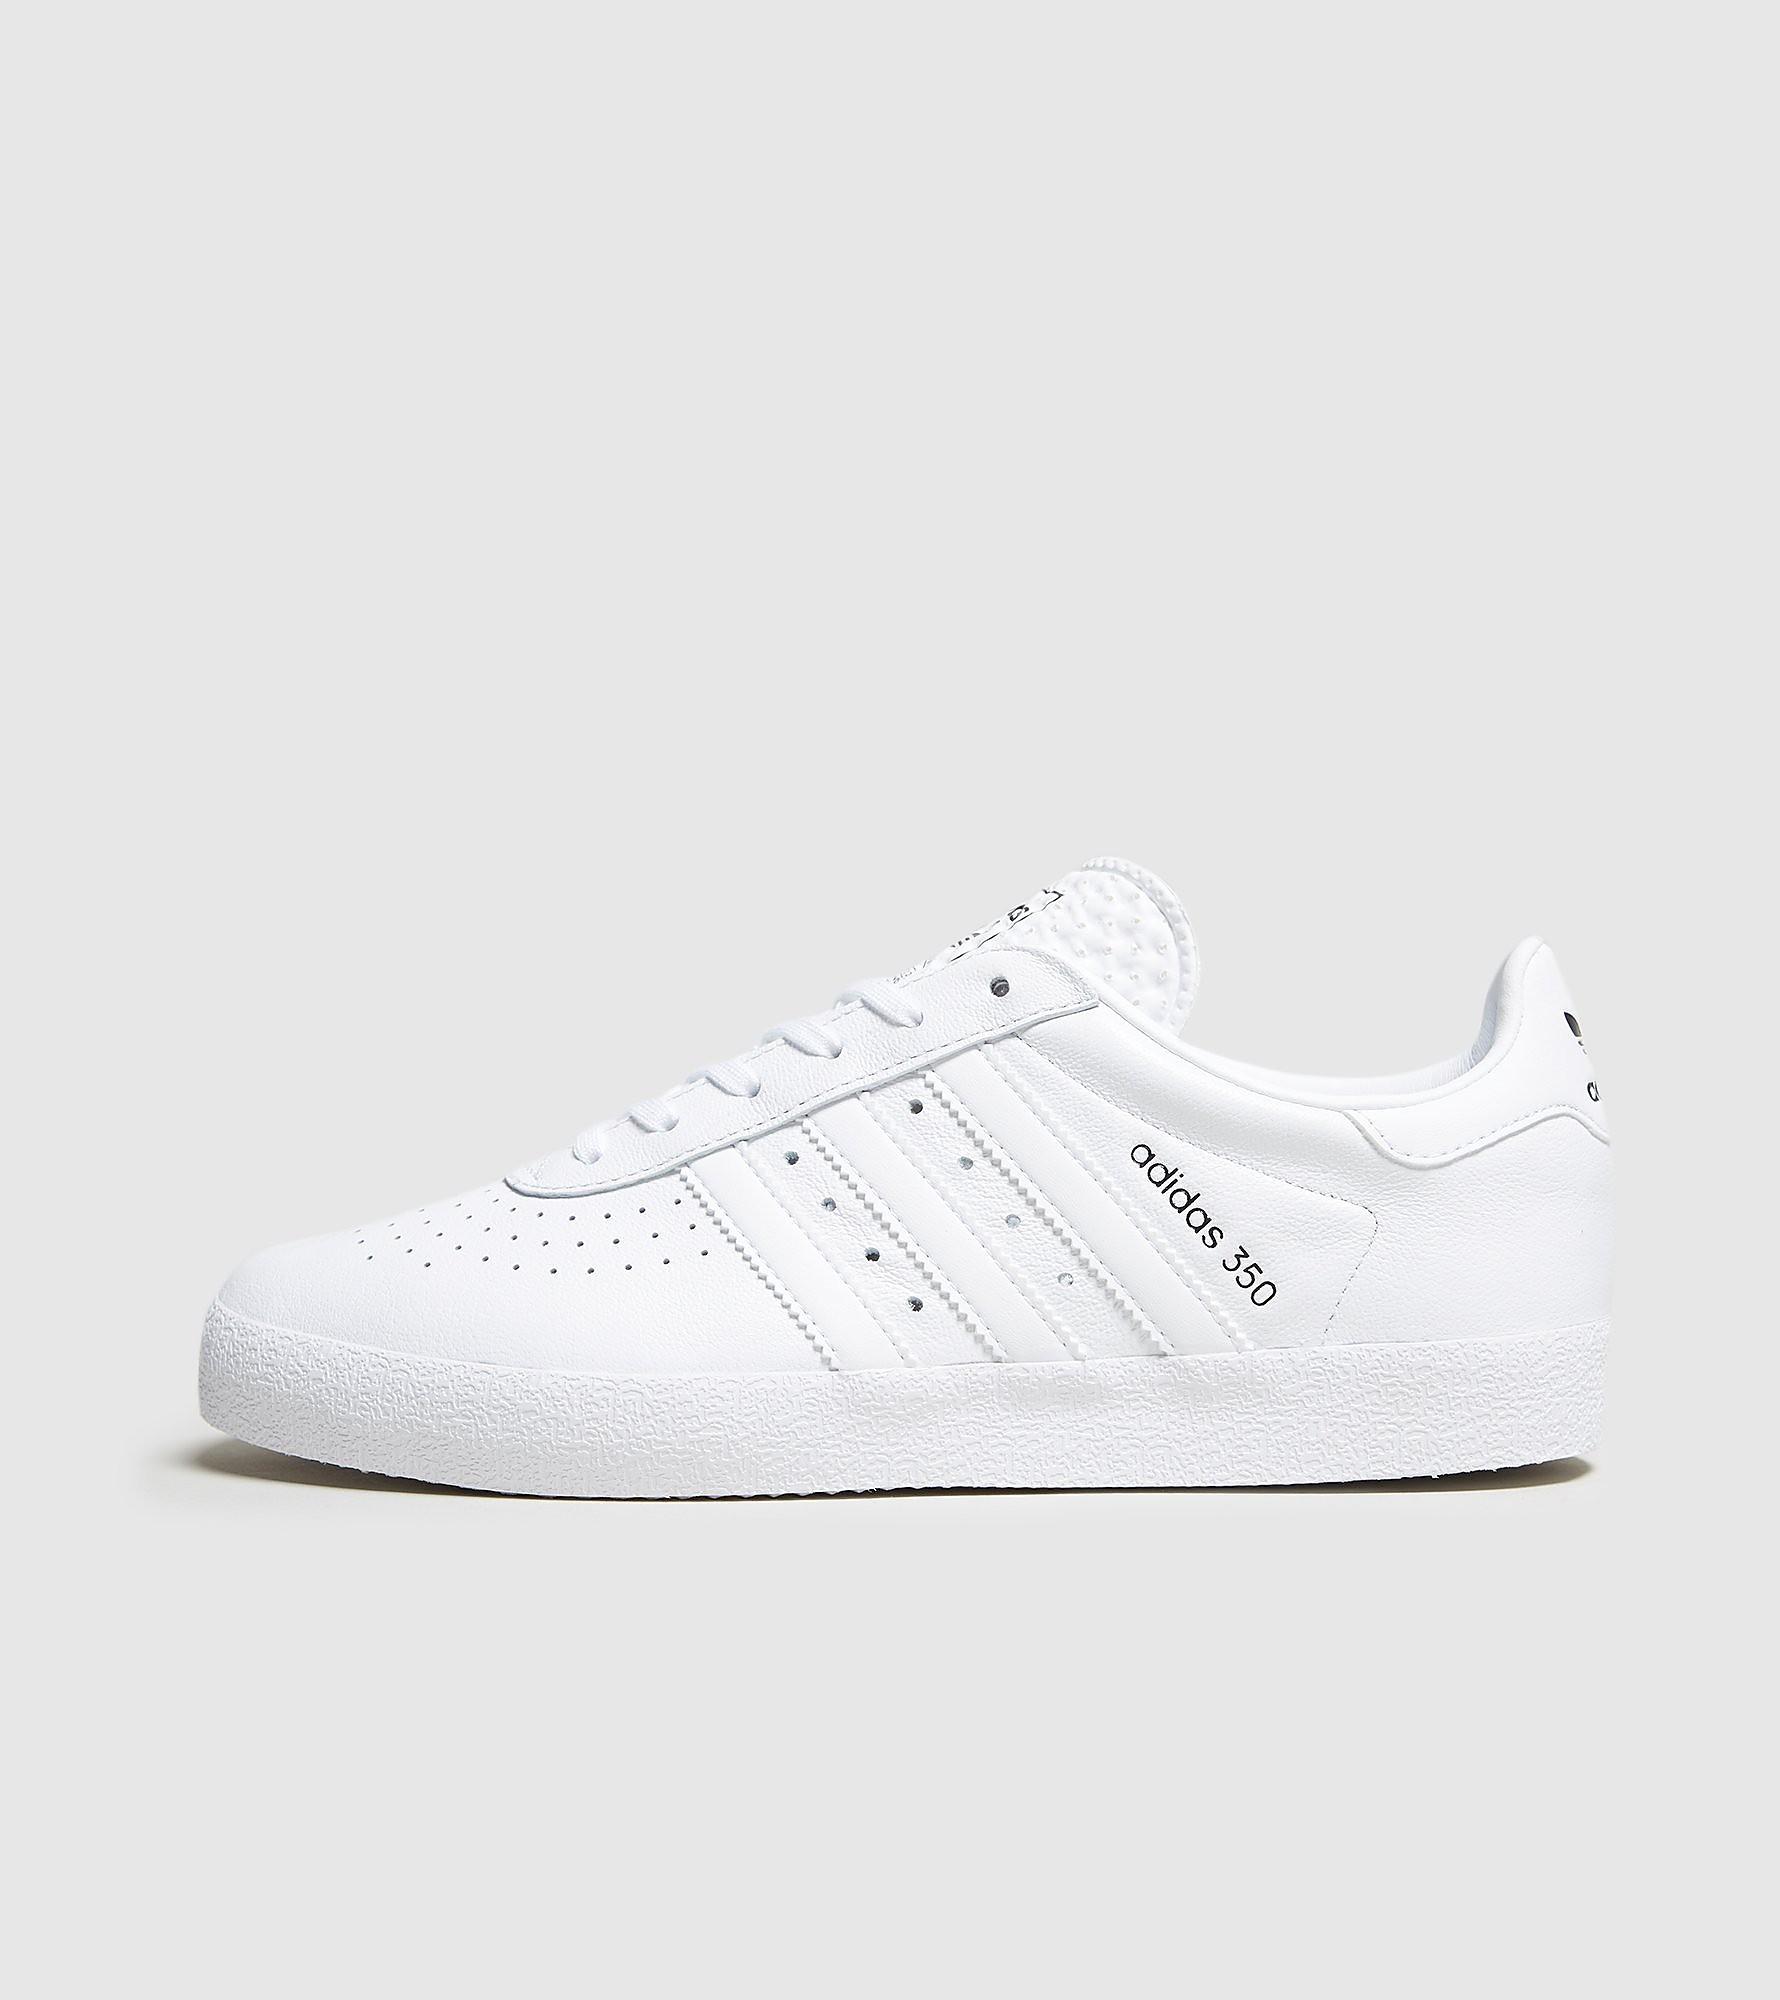 adidas Originals 350-leer, White